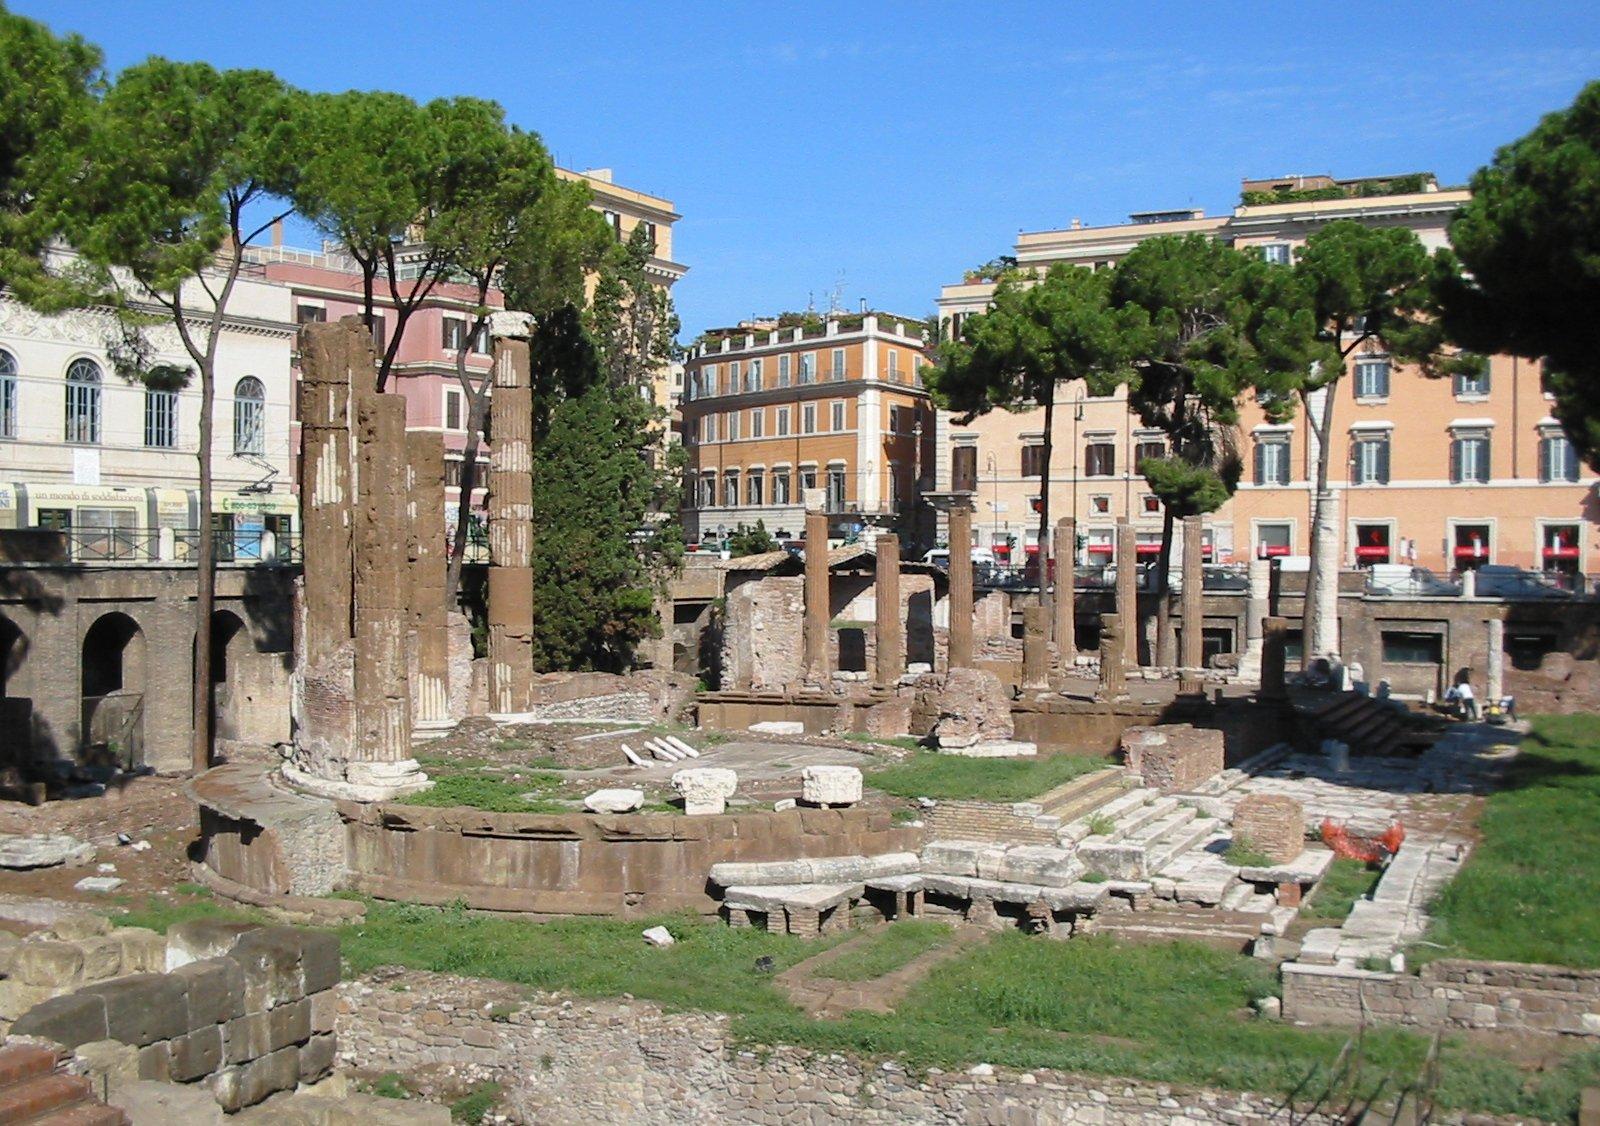 Largo di Torre Argentina à Rome, lieu de prise en charge et de soin des chats de rues. Photo d'Alessio Damato.